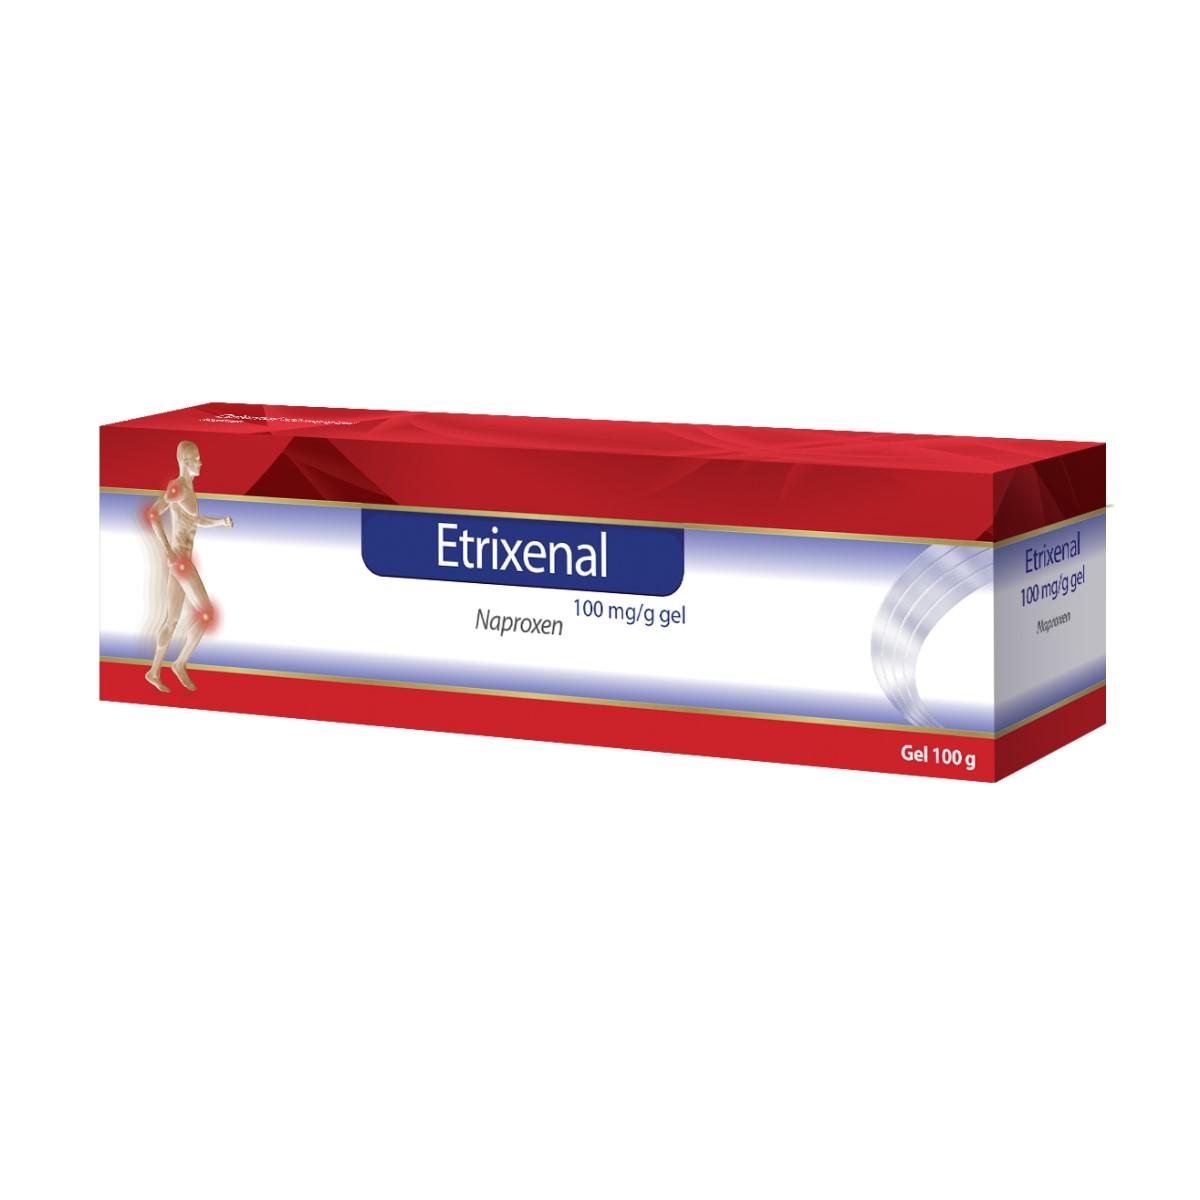 Etrixenal 100 mg/g gel Proenzi, 100 g, Walmark